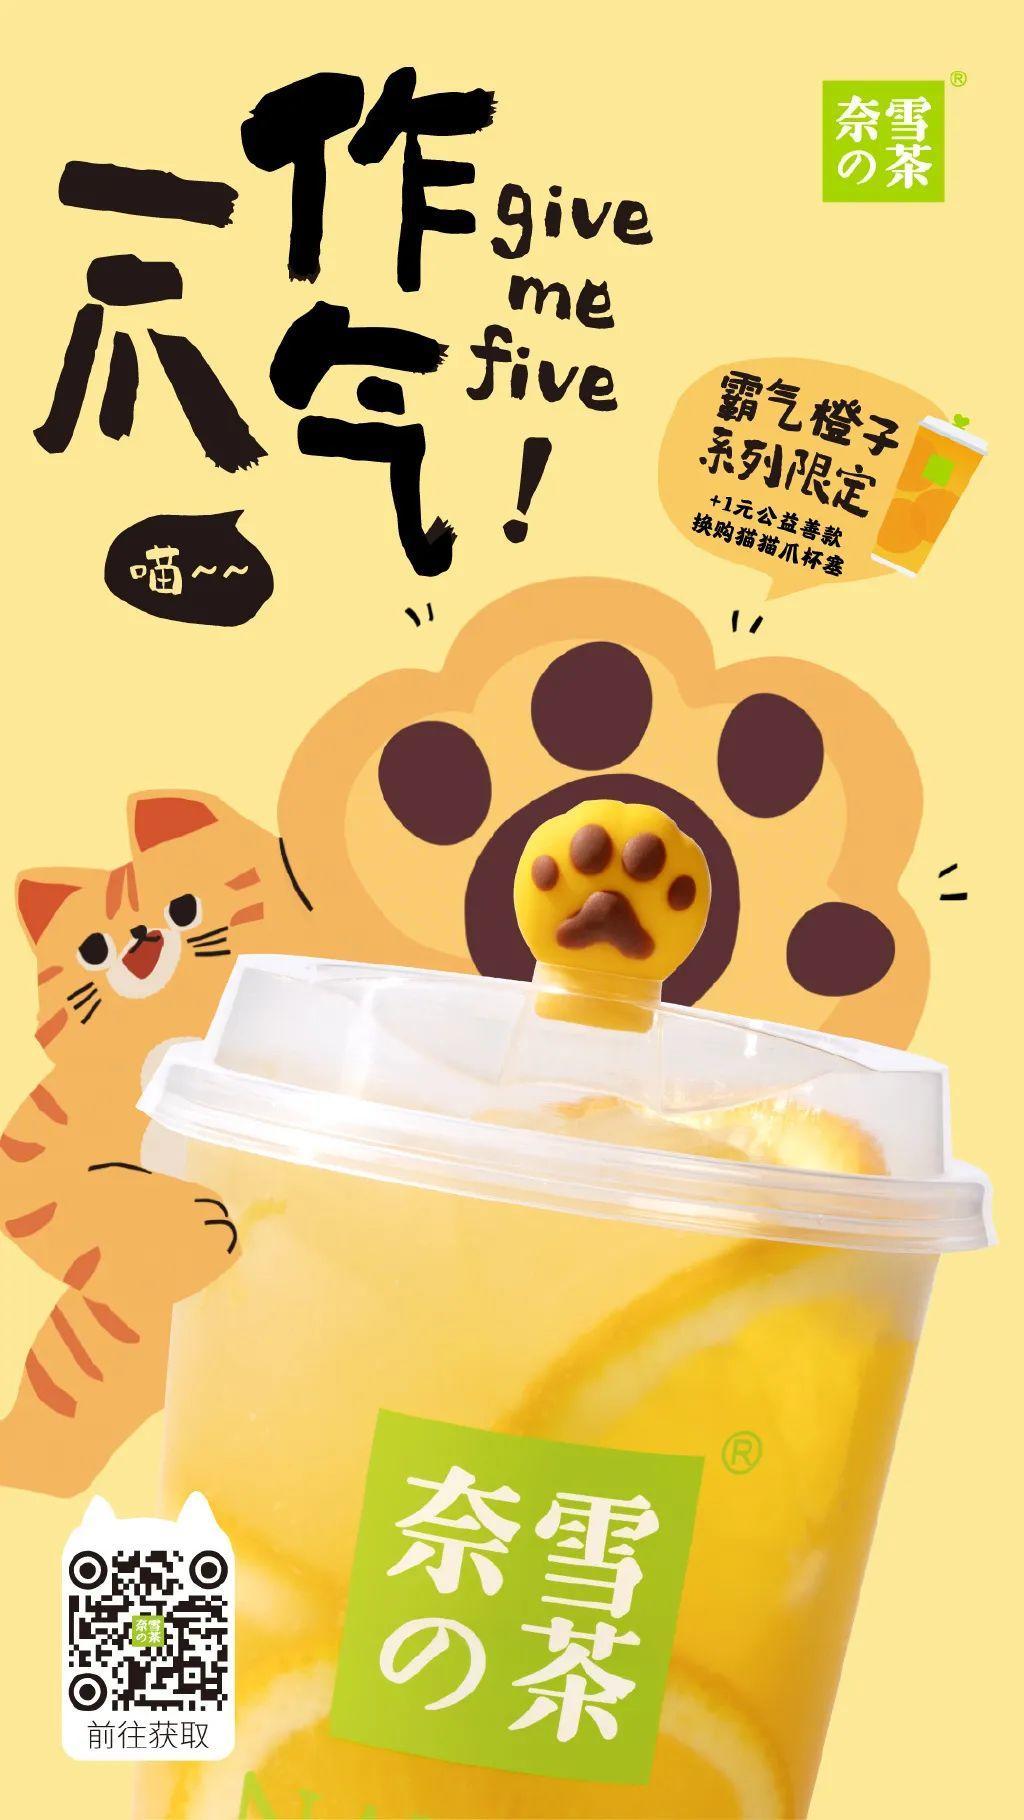 「猫猫爪杯塞」软萌上线,不务正业的奈雪到底为哪般?